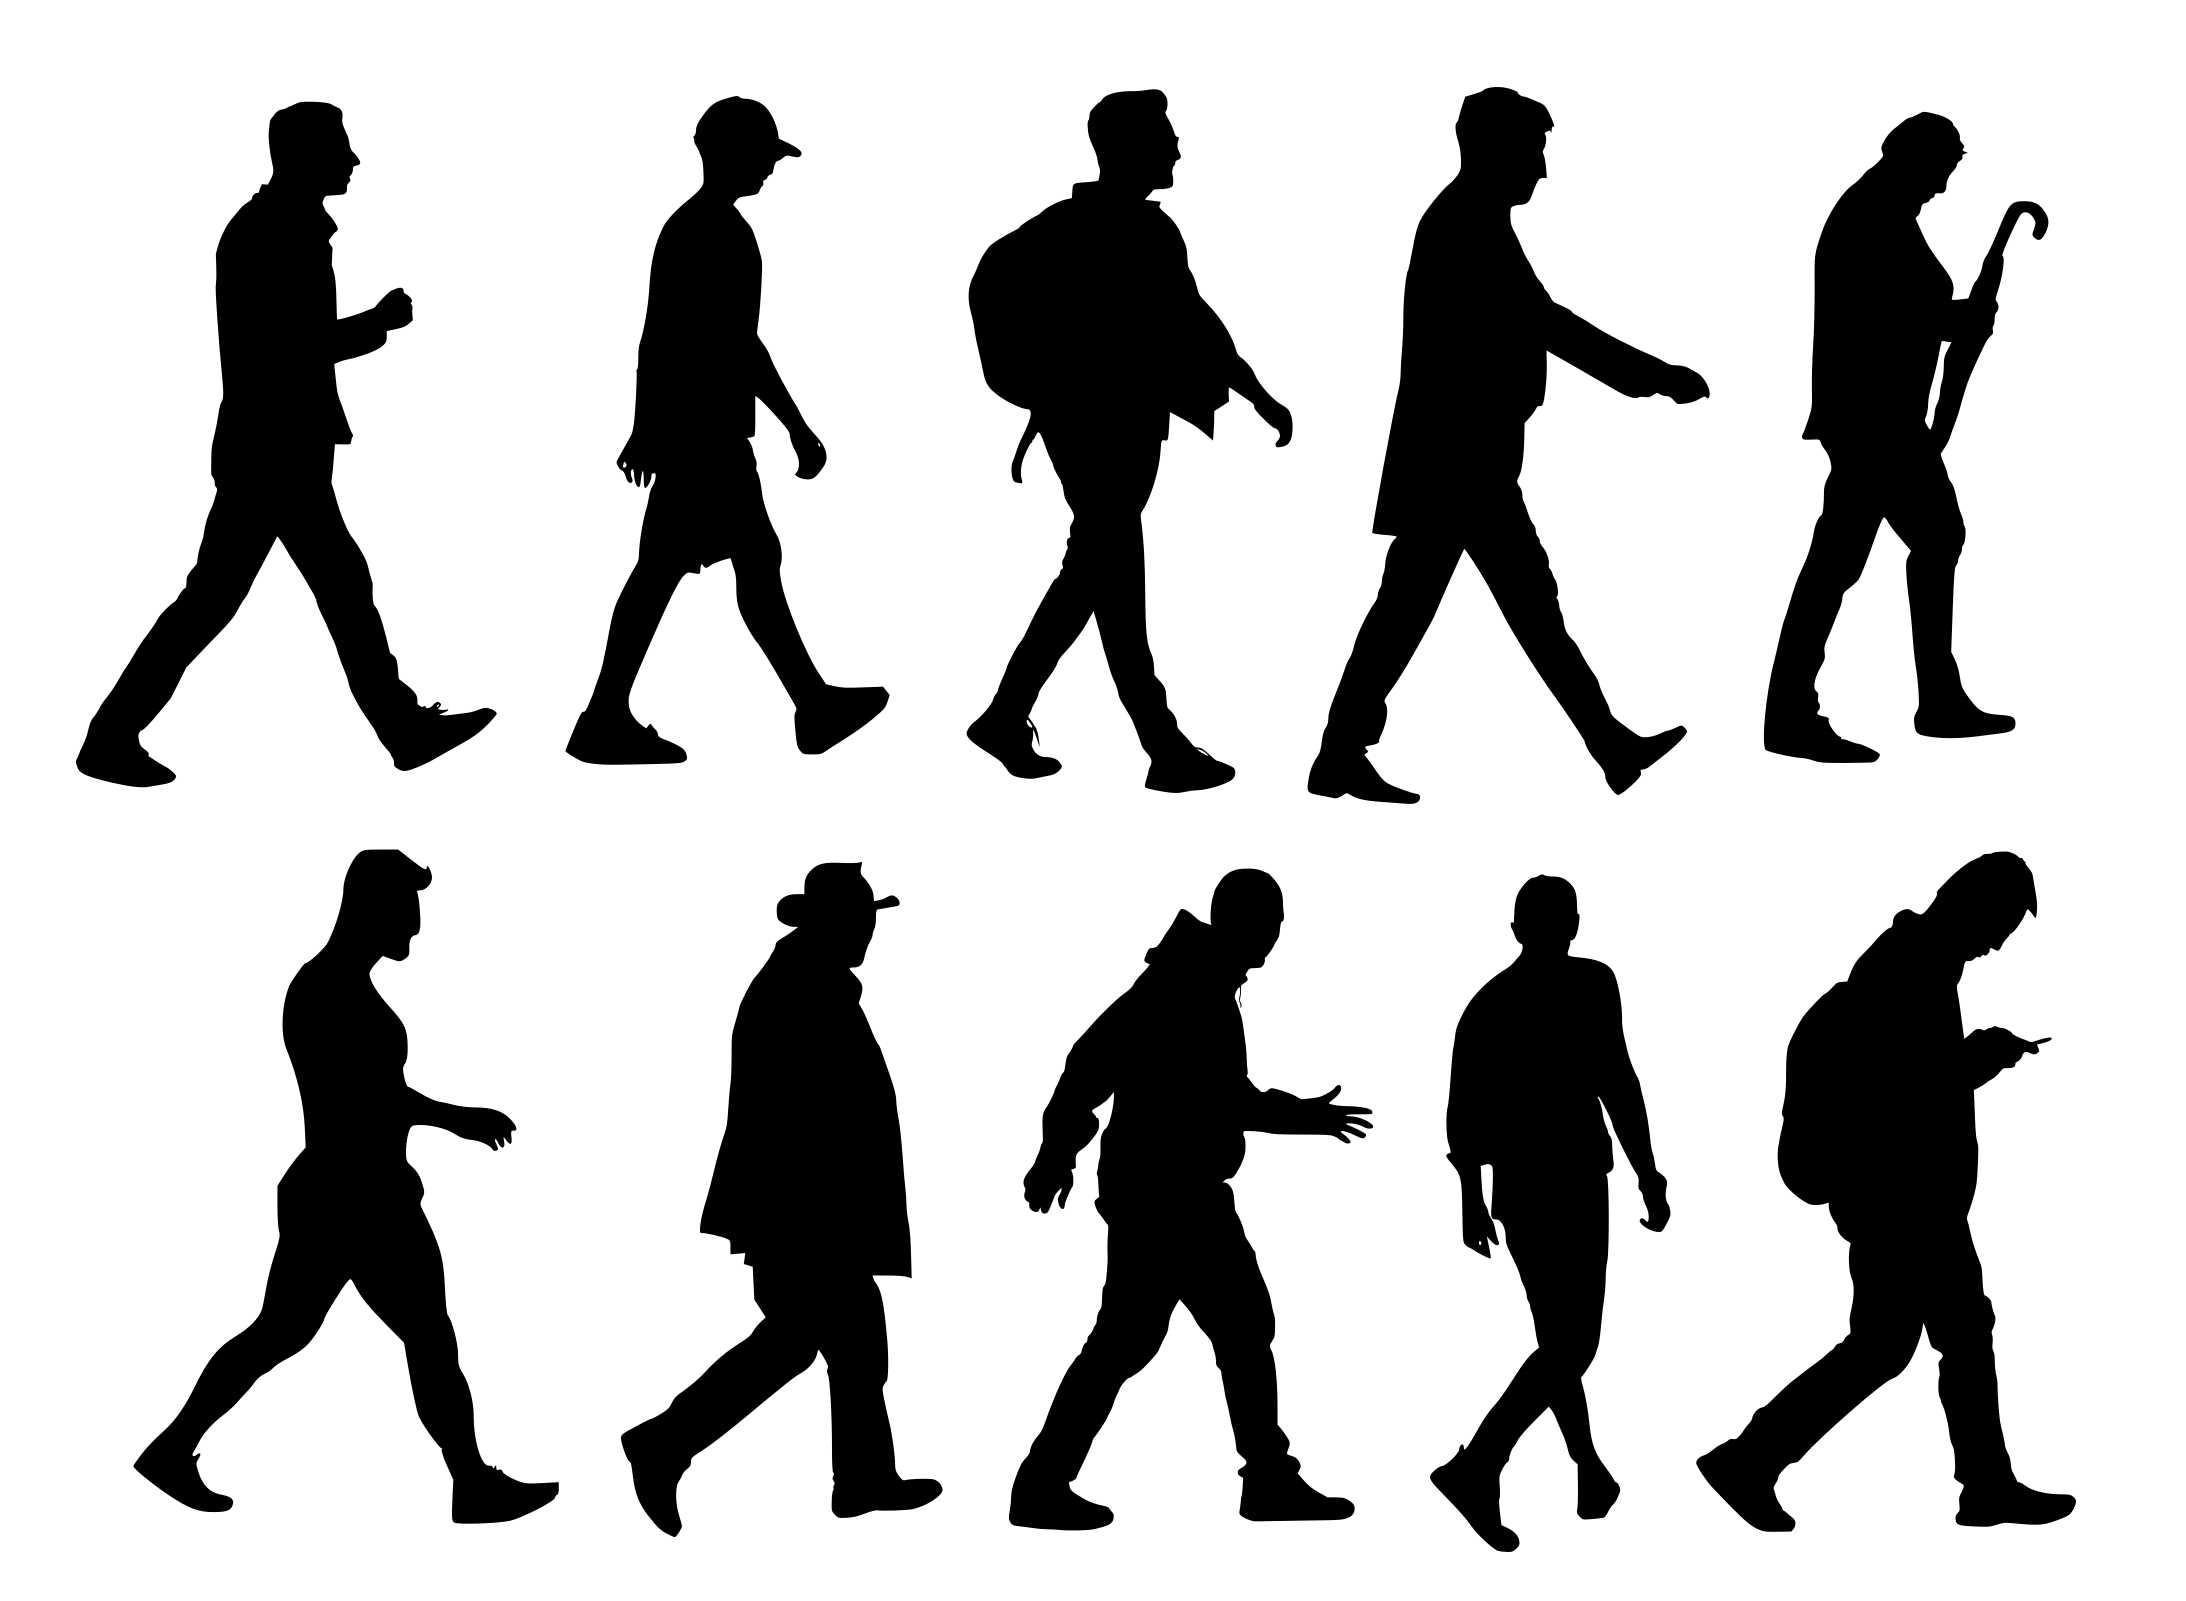 10 Man Walking Silhouette Transparent